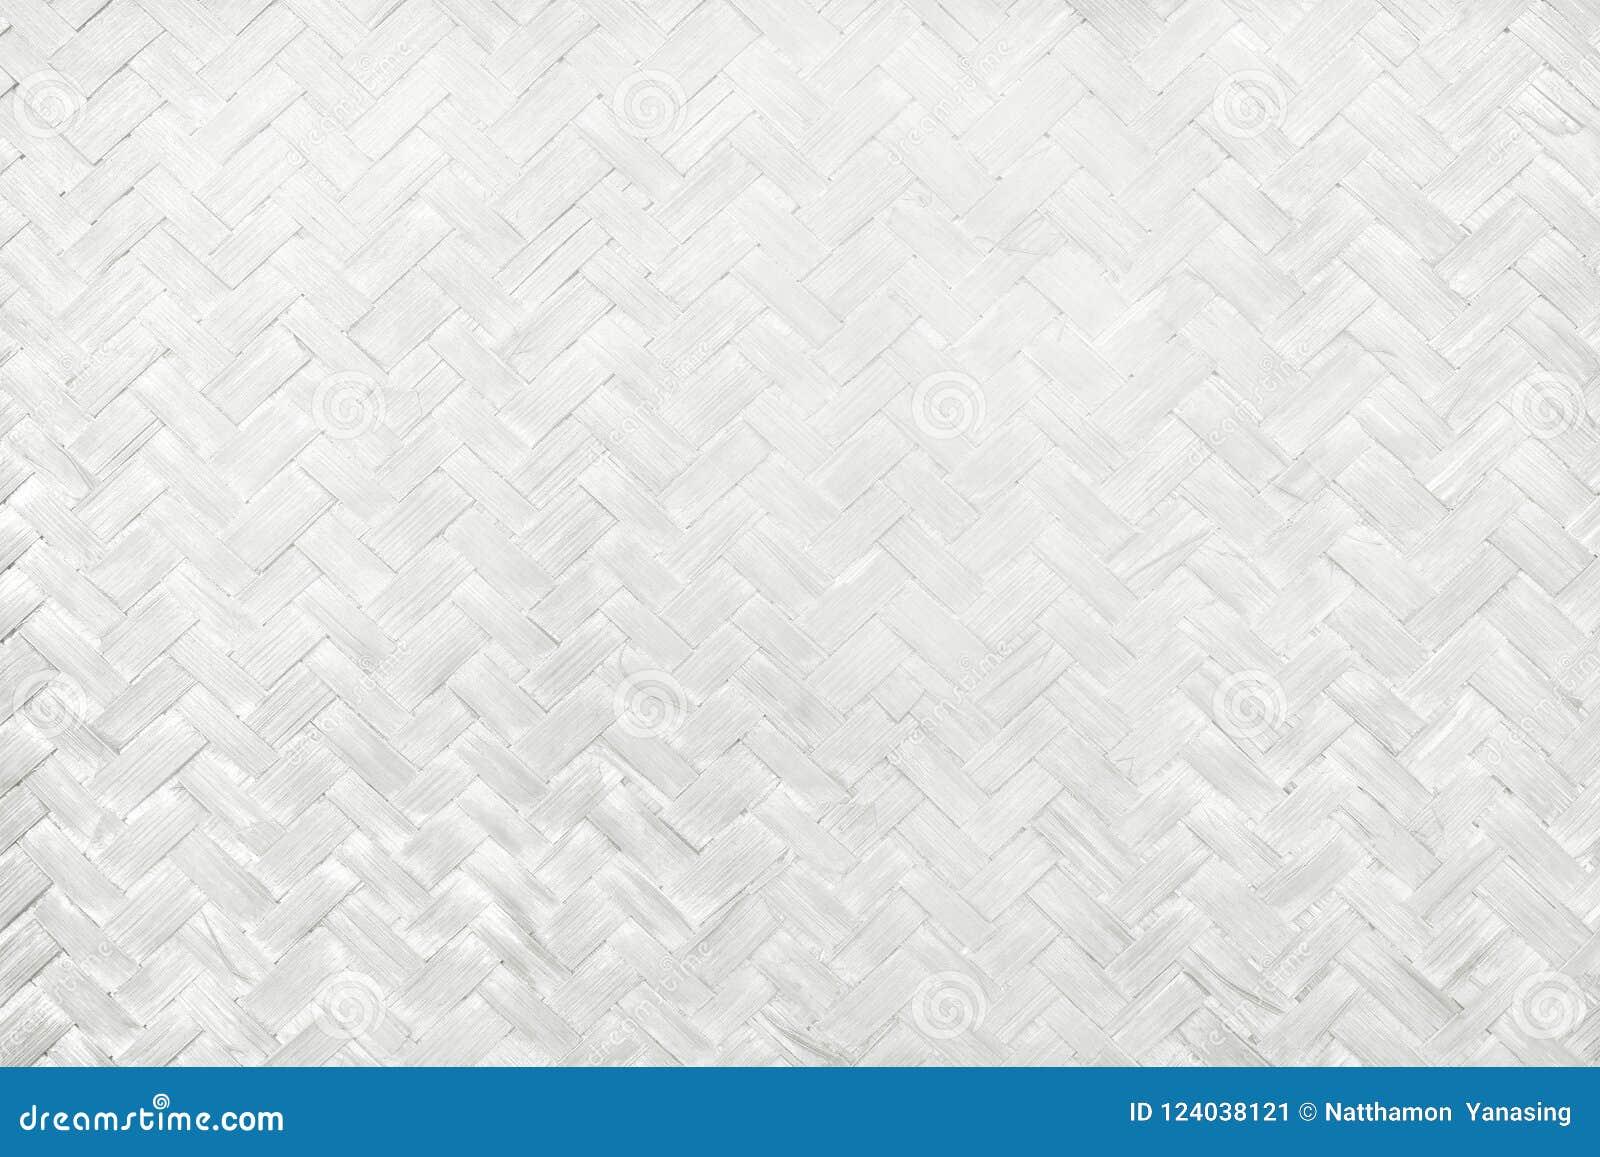 Wit bamboe wevend patroon, de geweven textuur van de rotanmat voor achtergrond en het werk van de ontwerpkunst